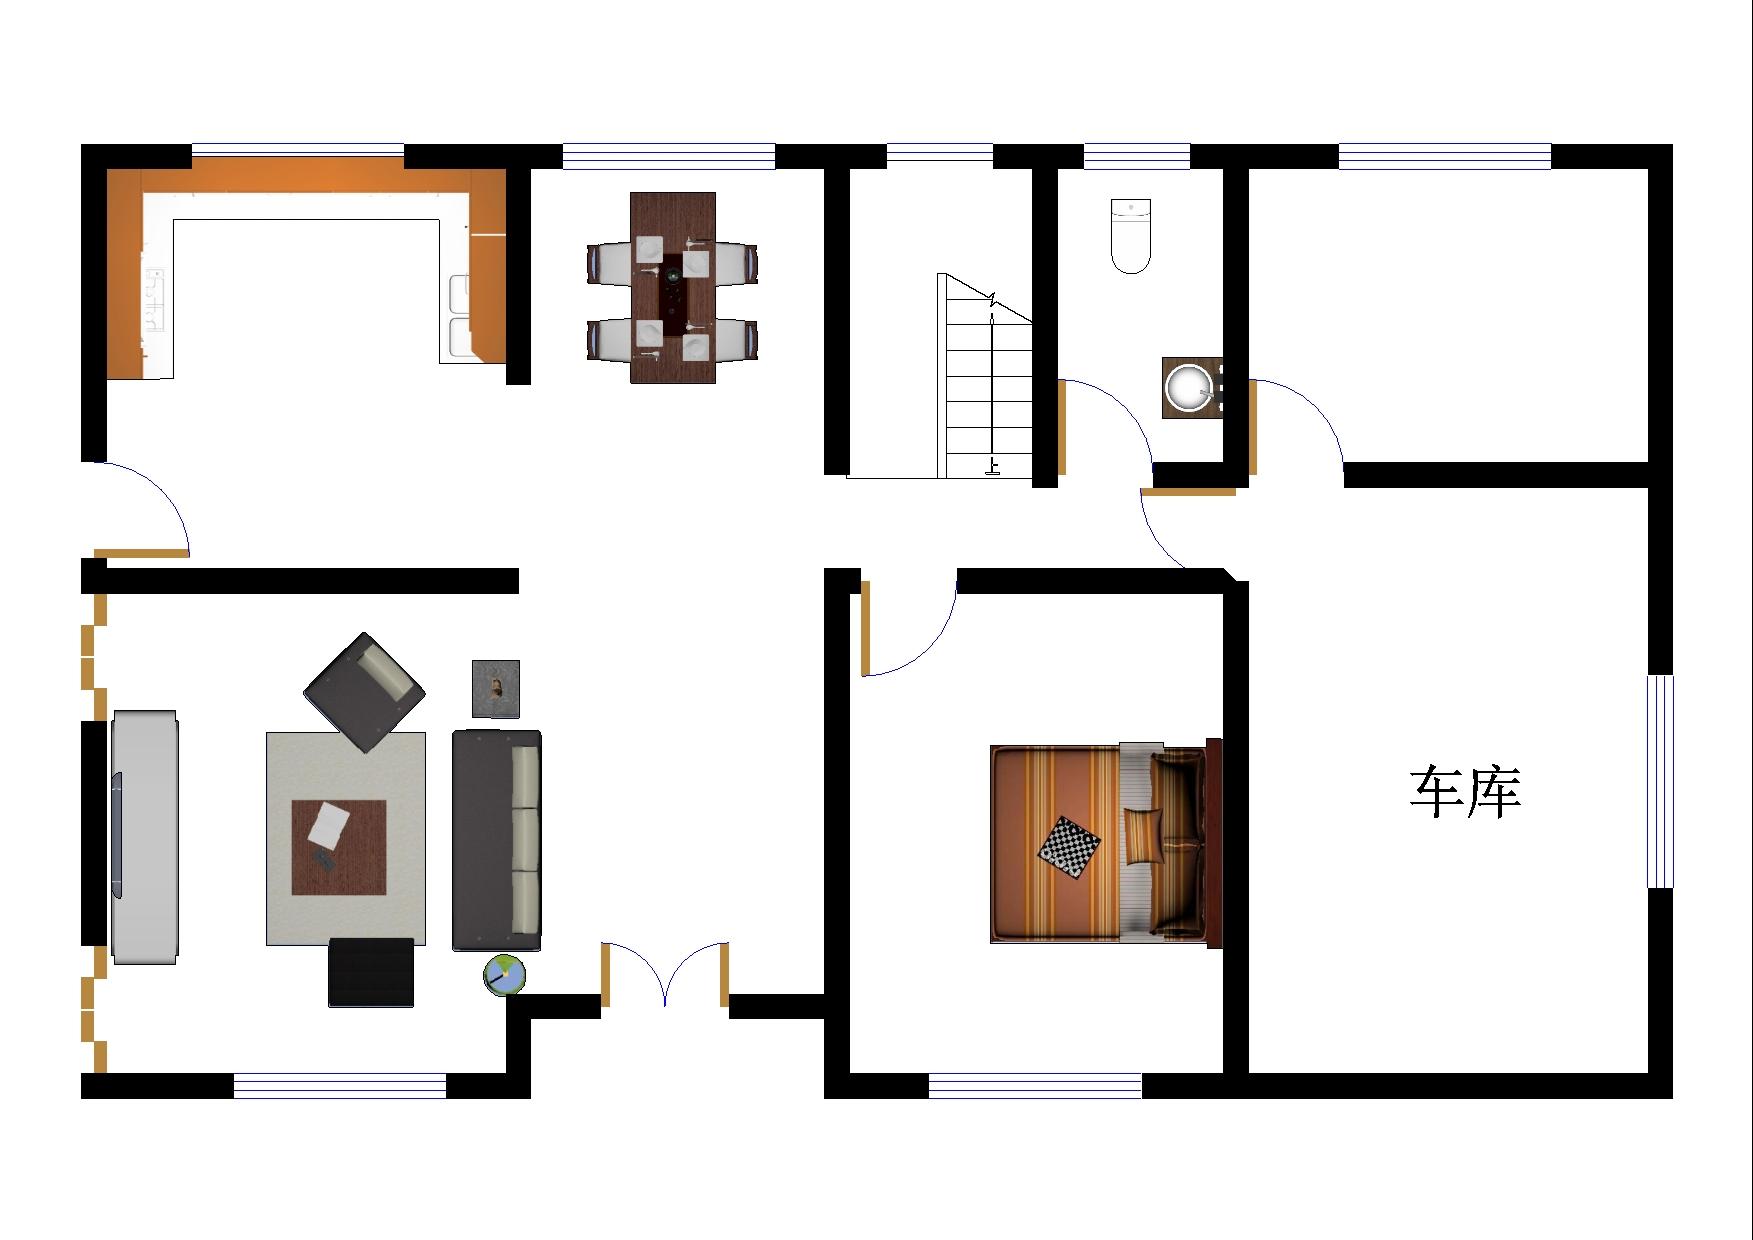 建筑,建筑,建筑; 一层平面图 (1753x1240); 自建房的户型平面图设计图片